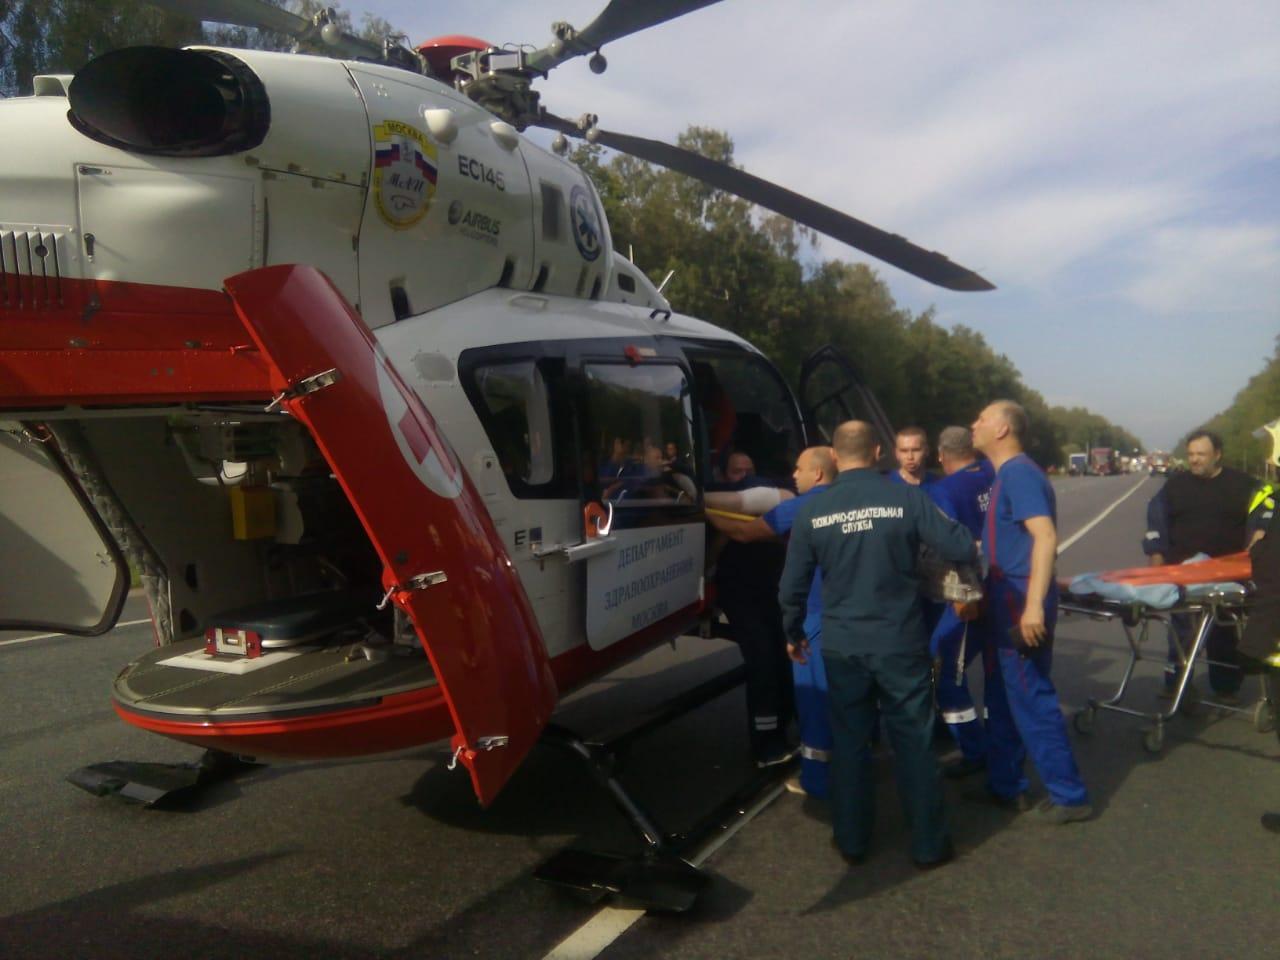 Экипаж дежурного санитарного вертолёта Московского авиационного центра вылетел по вызову для спасения пострадавших в Бунчиху